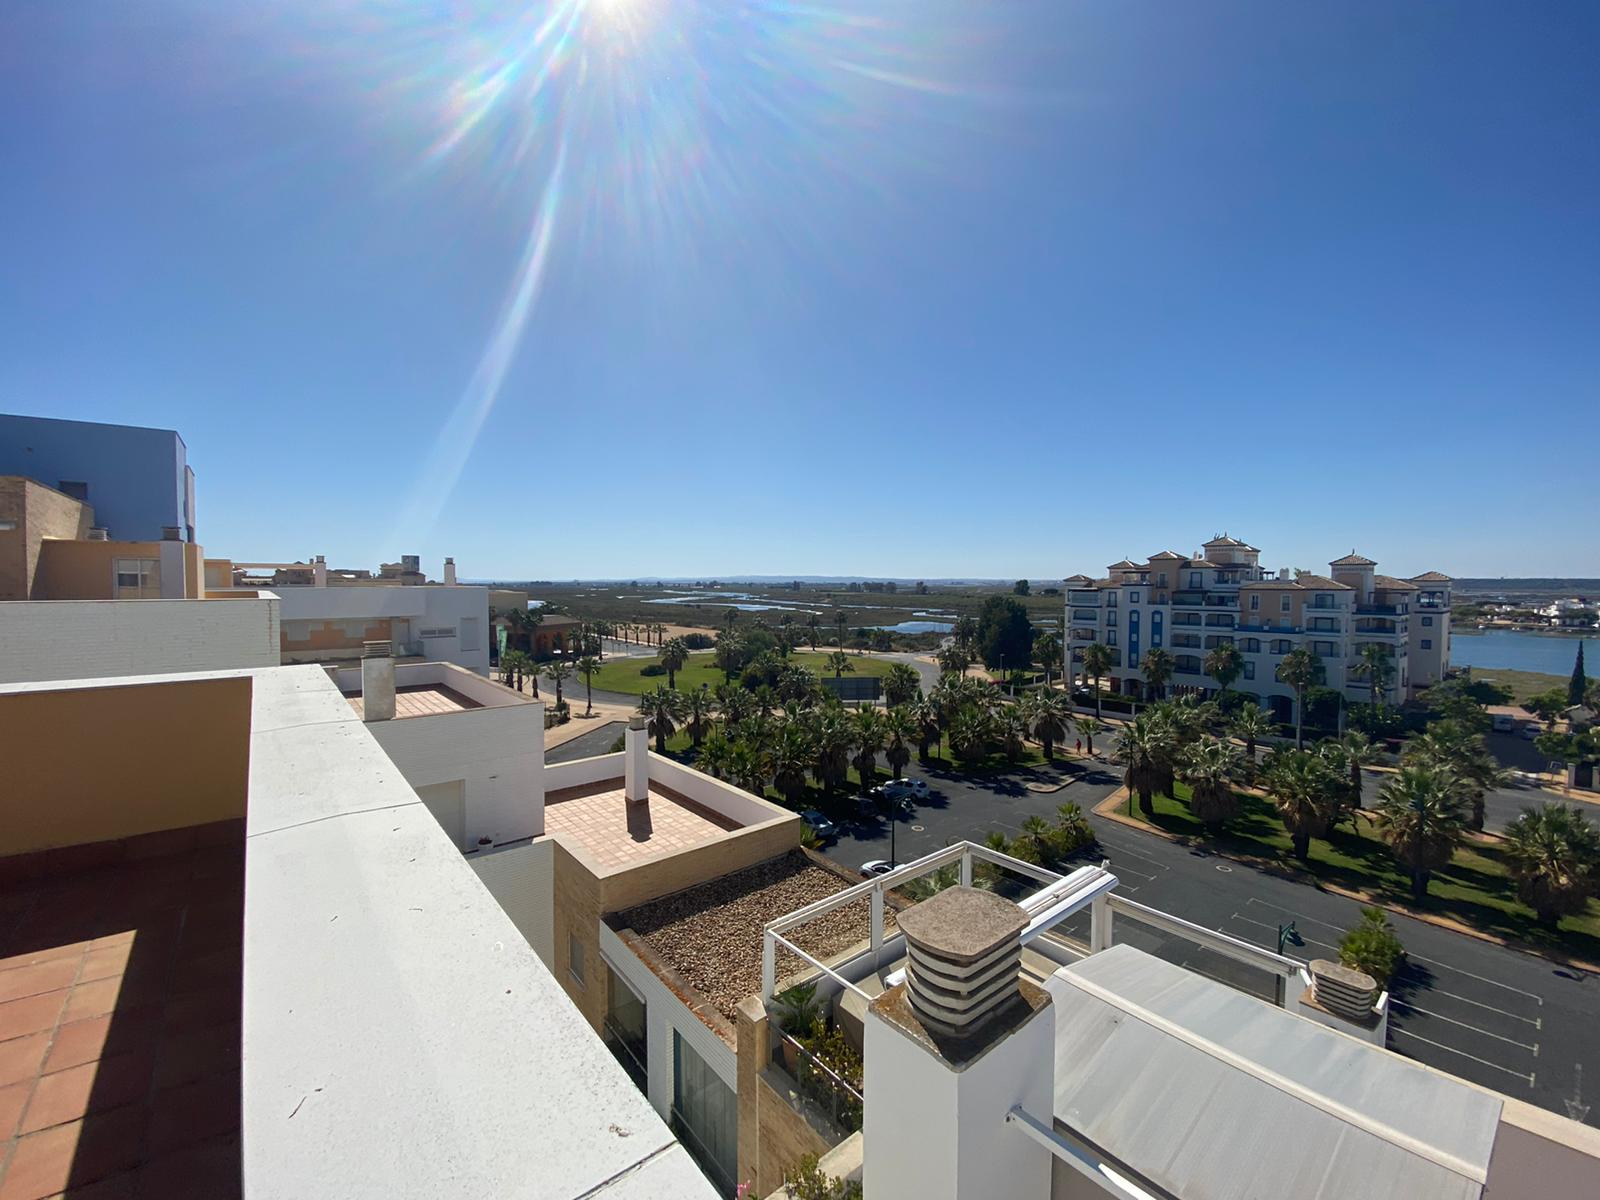 Imagen 6 del Apartamento Turístico, Ático 8 Central (3d+2b), Punta del Moral (HUELVA), Paseo de la Cruz nº22